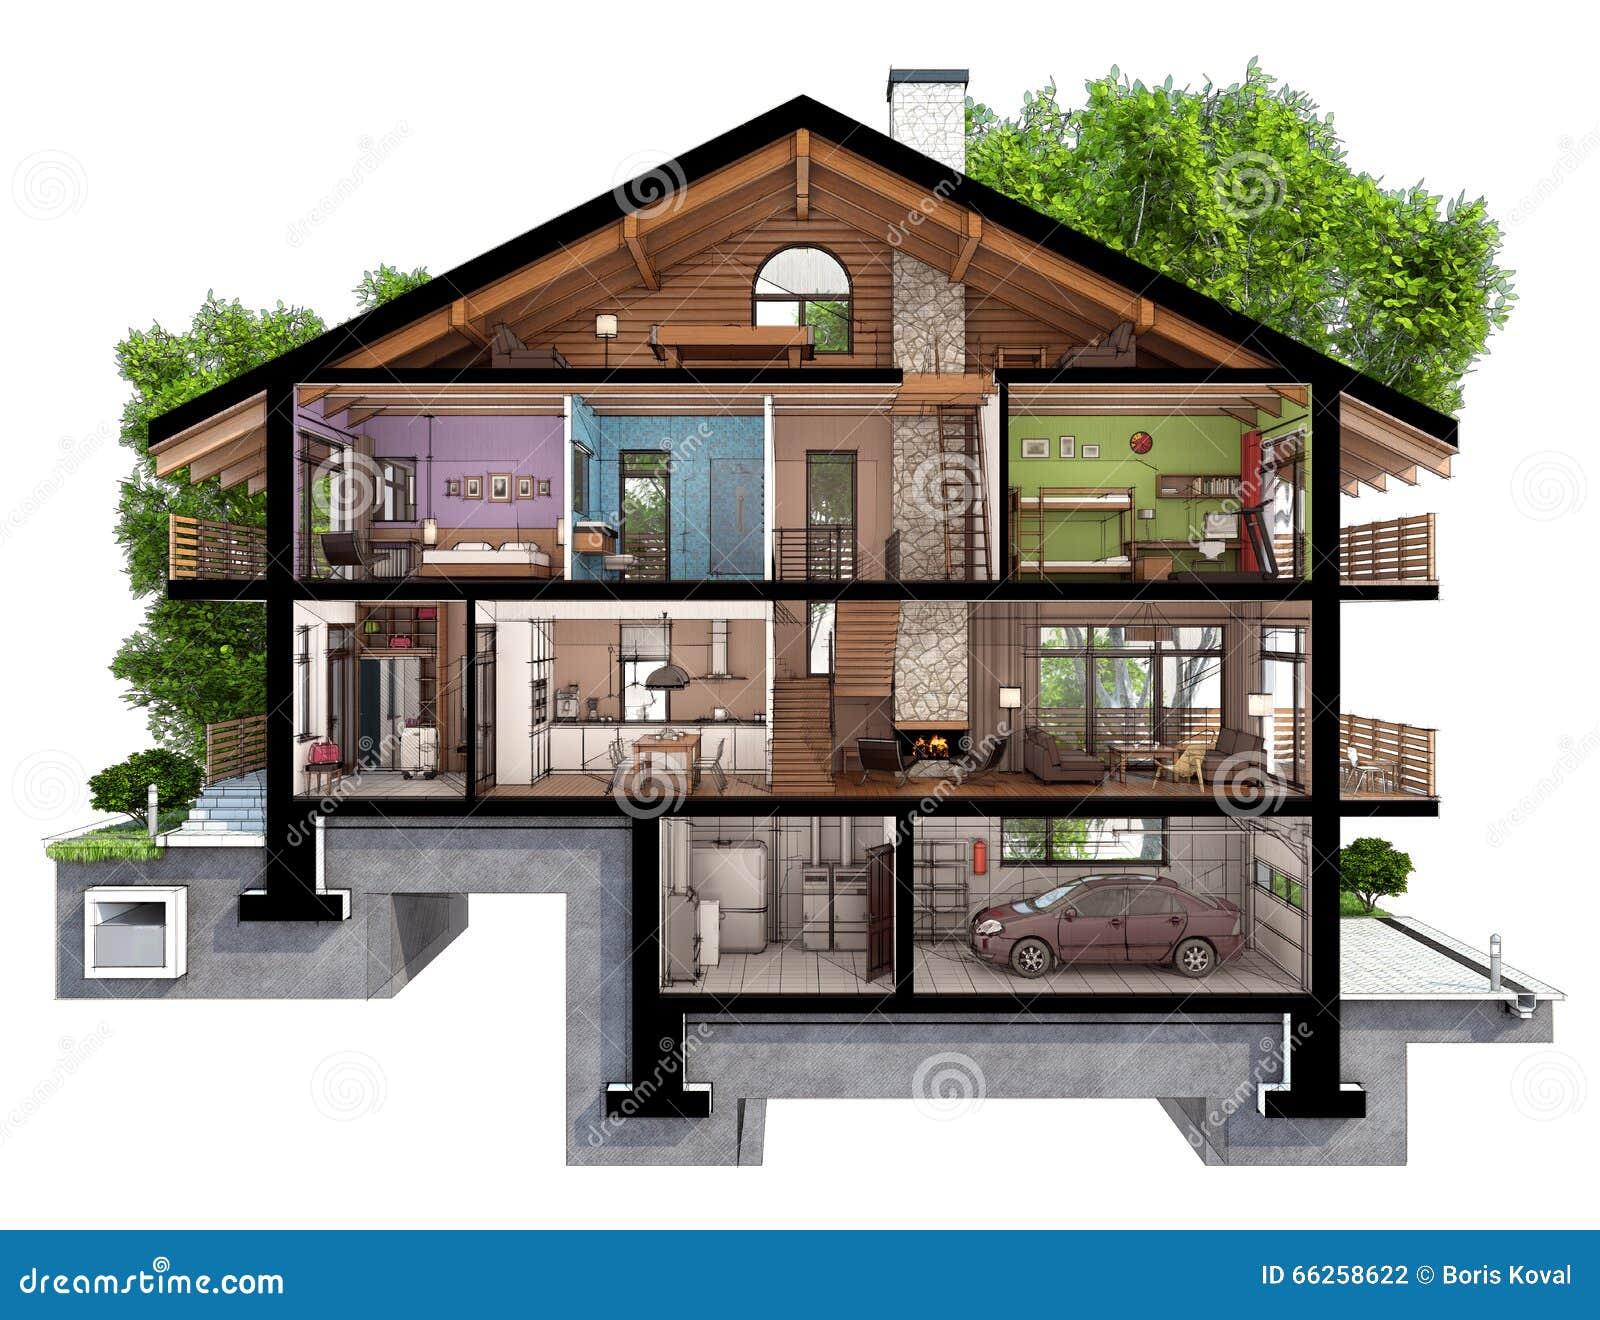 Libera da diritti with come una casa di campagna with come for Come finanziare la costruzione di una nuova casa